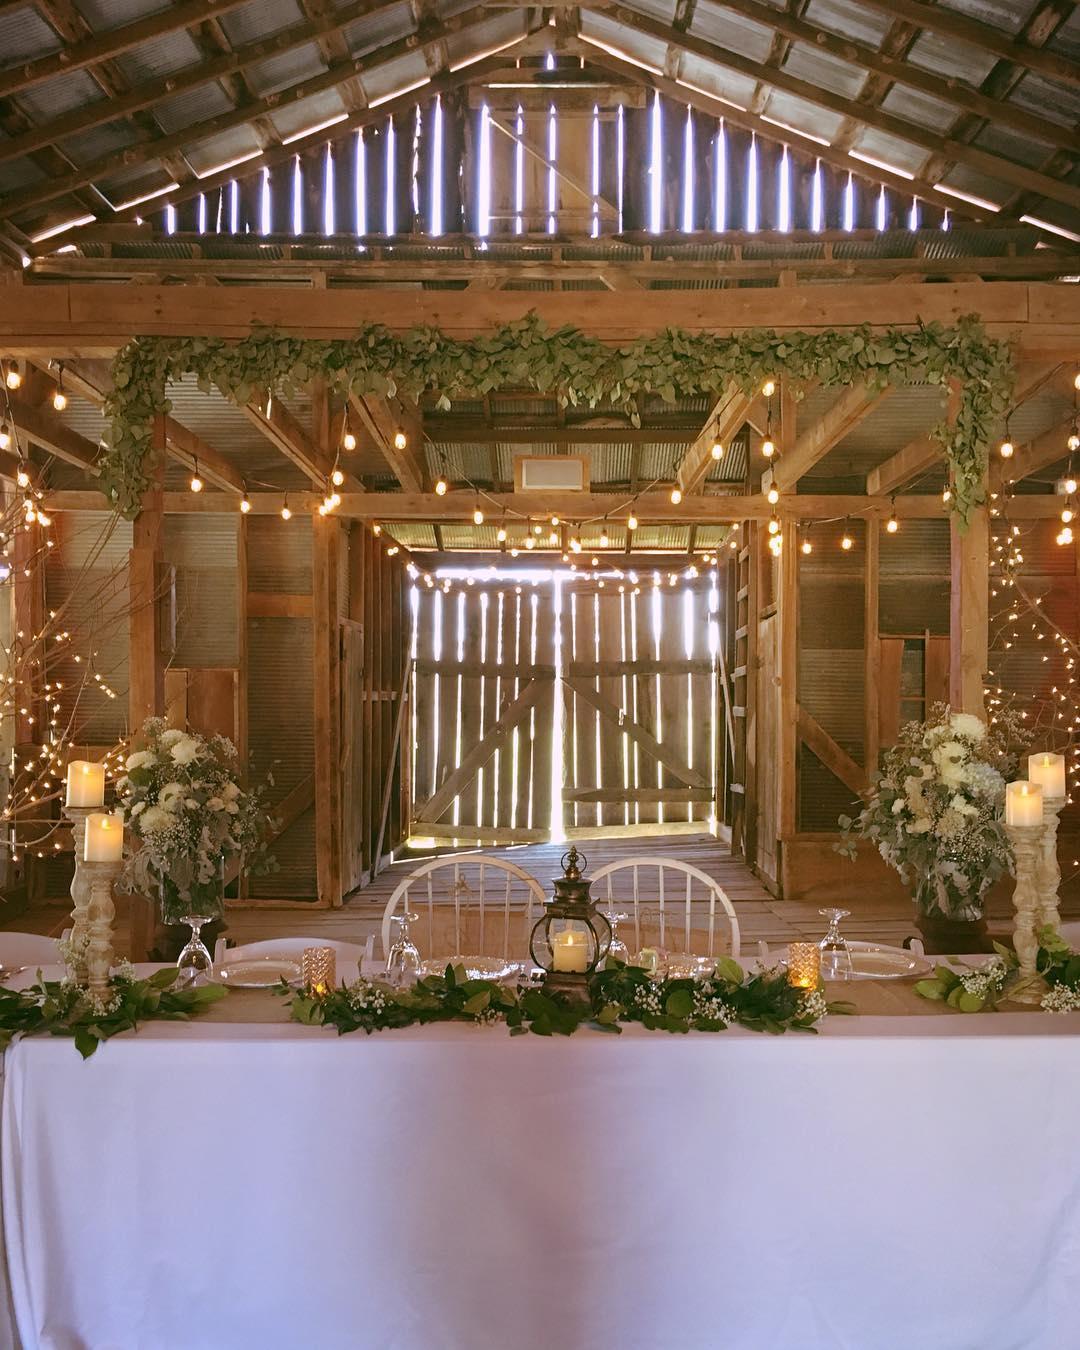 All Inclusive Wedding Venue In Missouri: Outdoor Wedding Venues In Missouri At Reisefeber.org